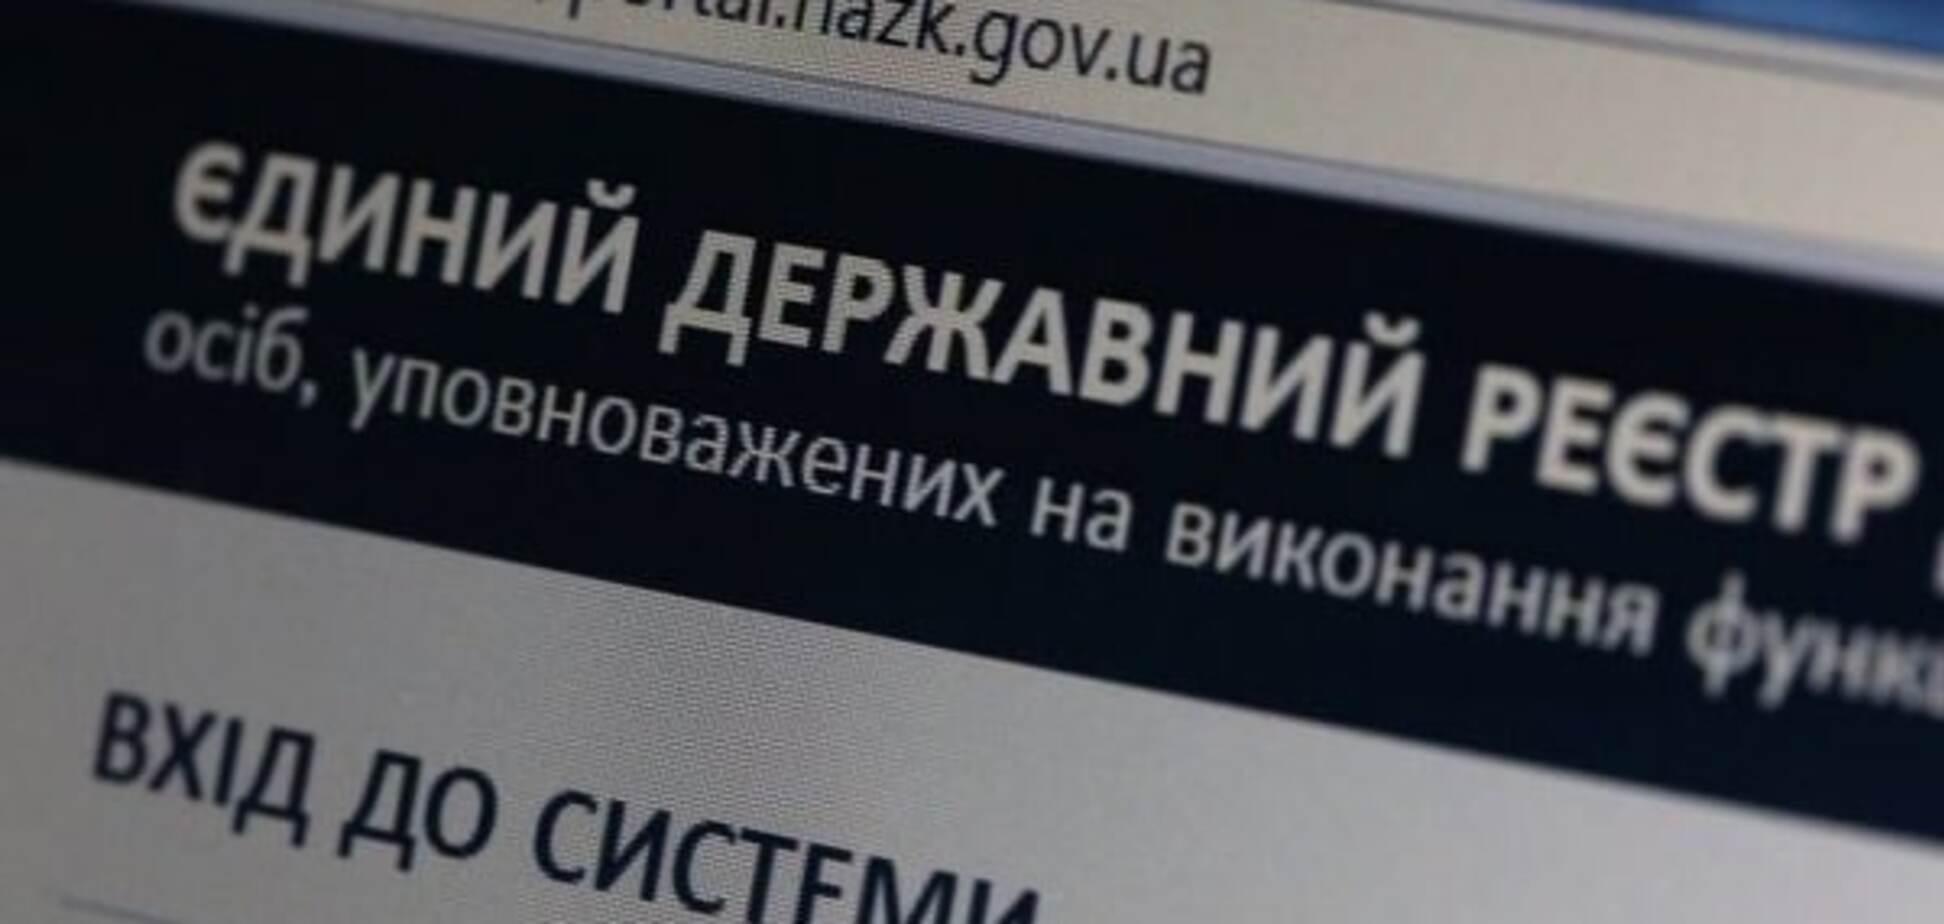 Електронні декларації в Україні